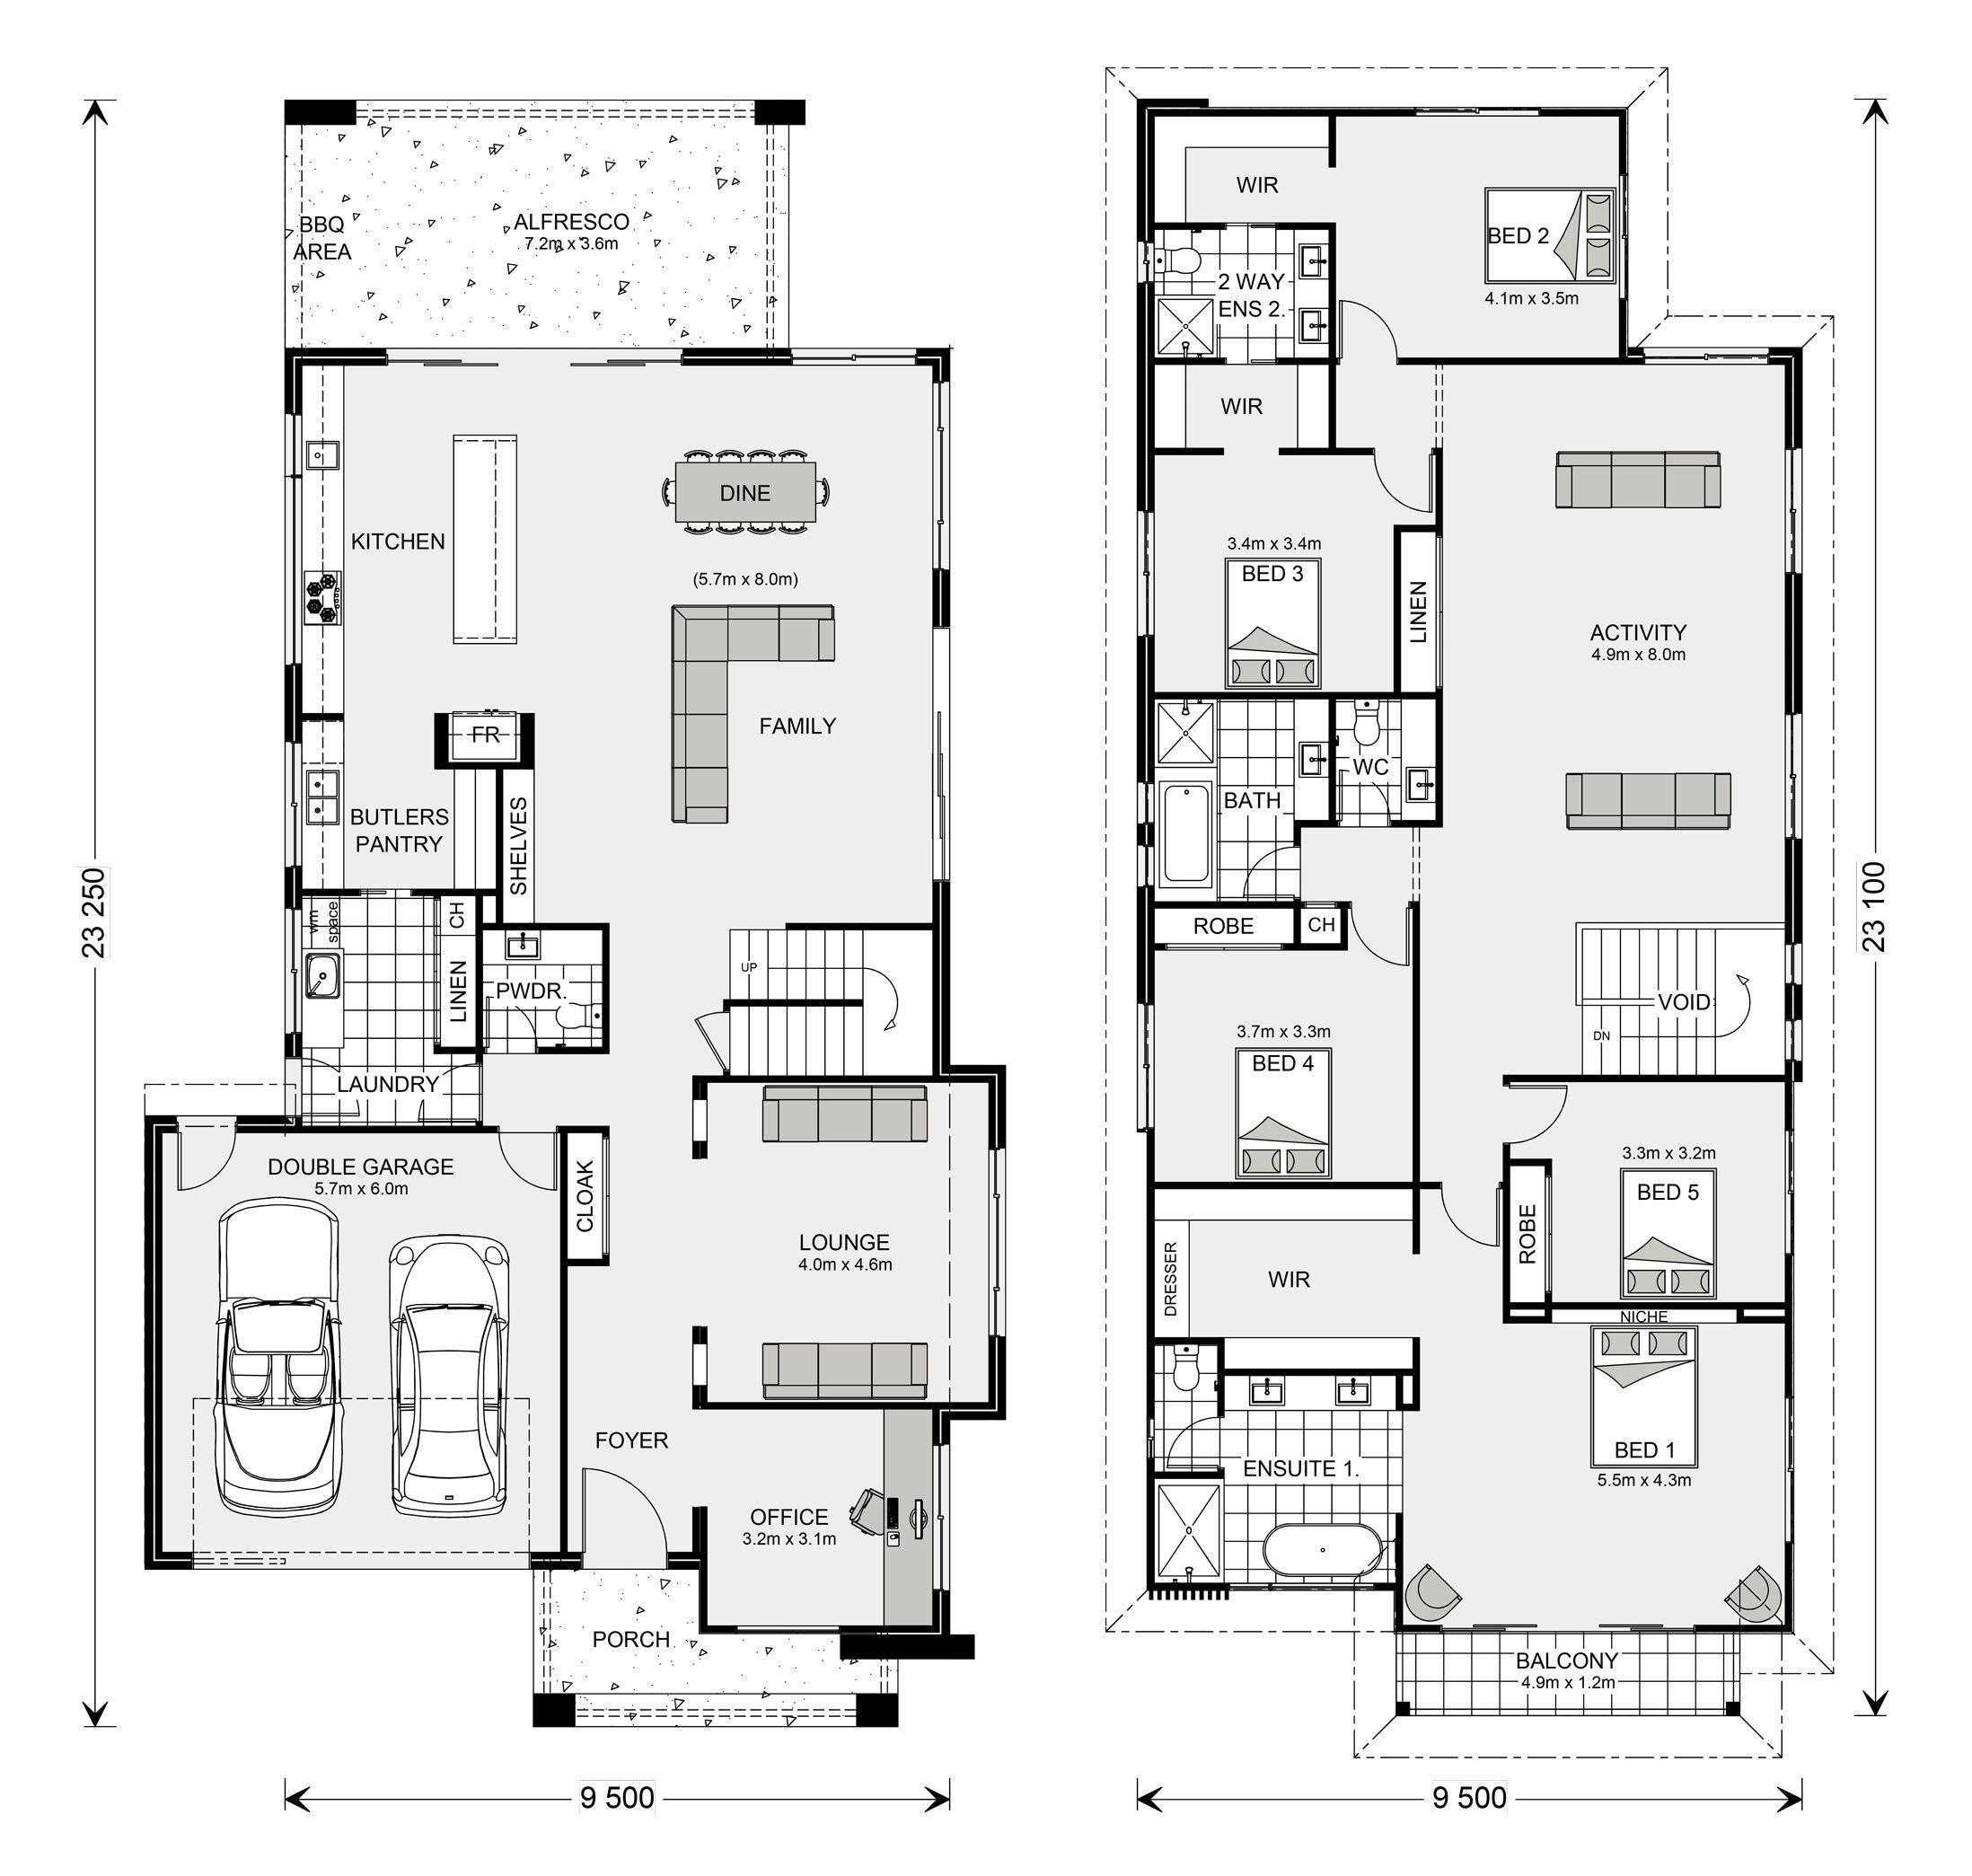 Kingscliff 324 Home Designs In Launceston G J Gardner Homes Dream House Plans Floor Plans House Plans